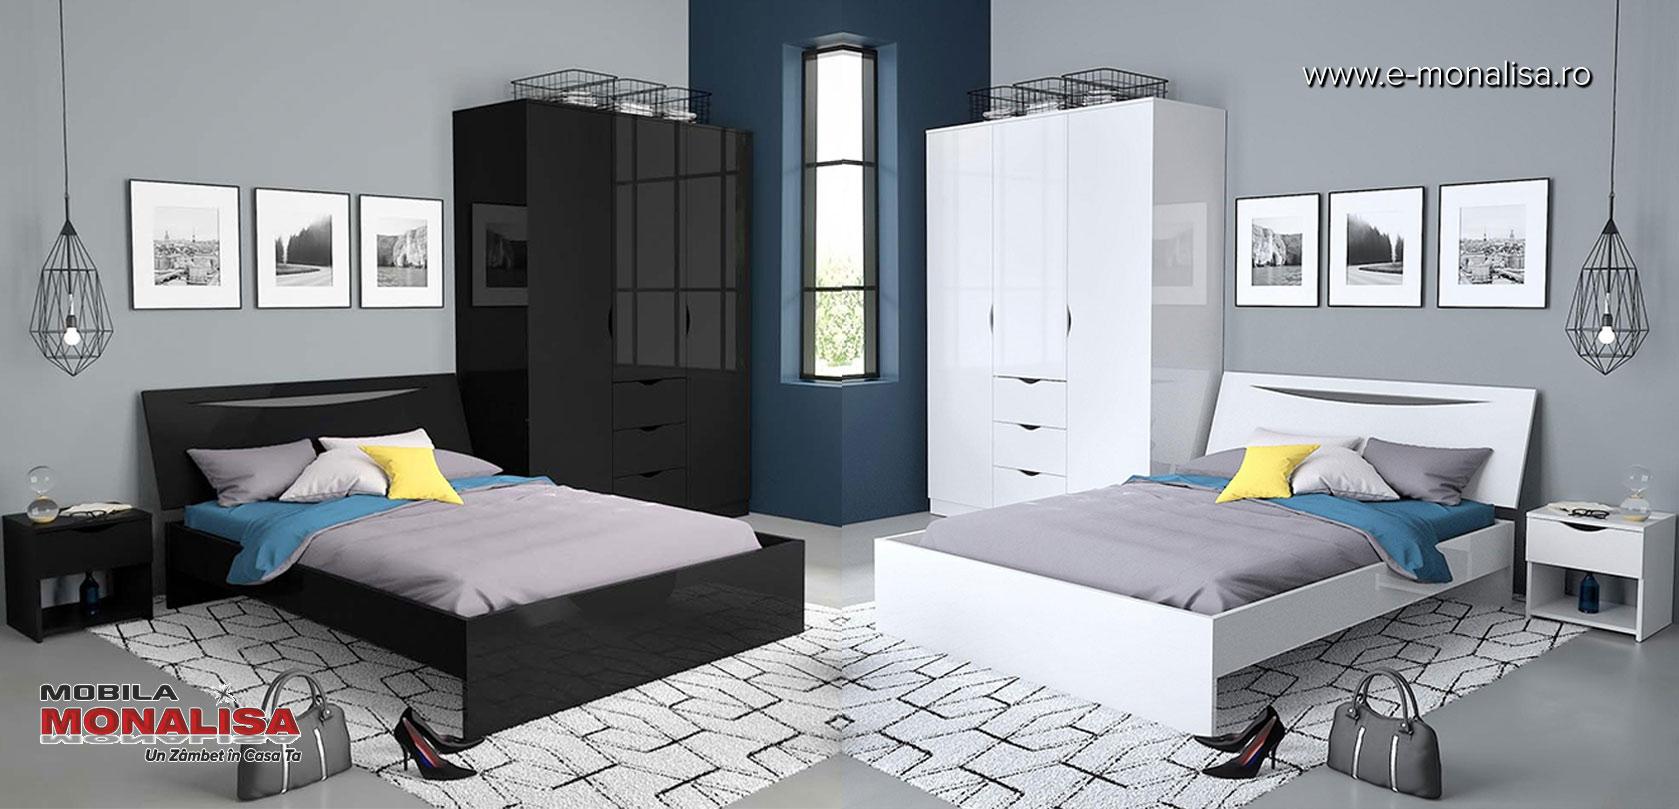 Set mobila dormitor alb negru lucios Letty